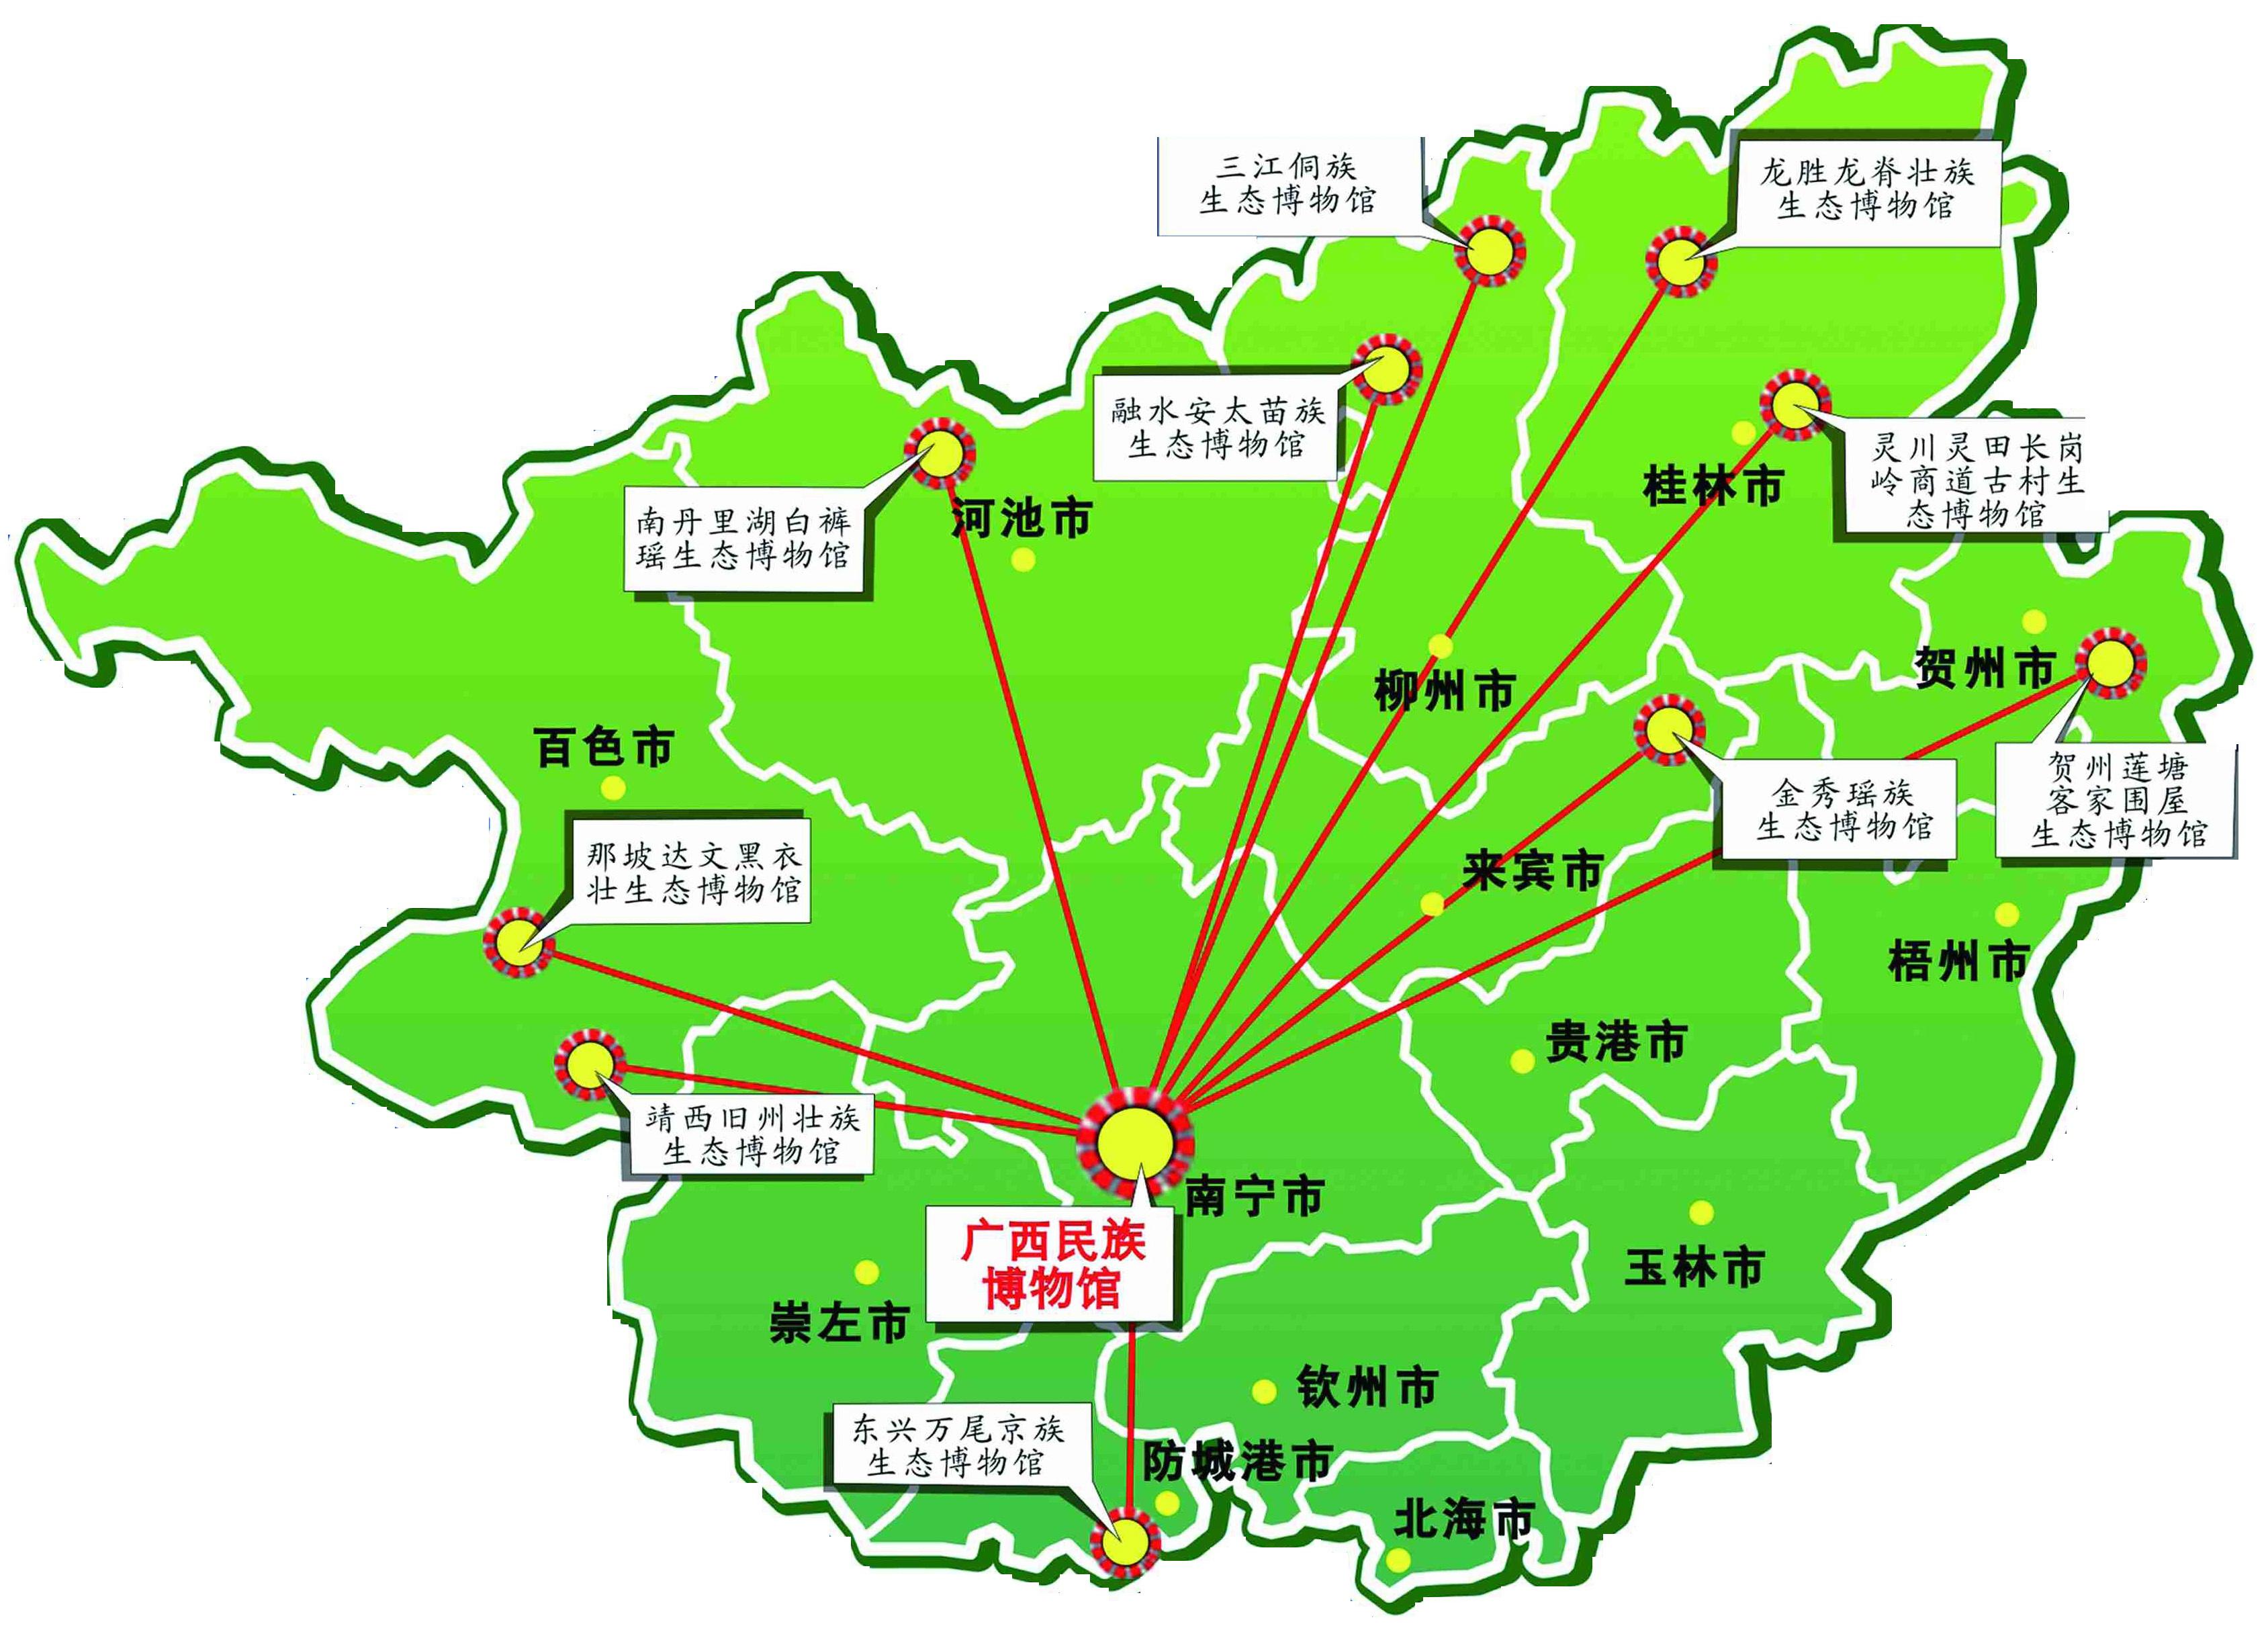 广西 分布图_广西河流分布图